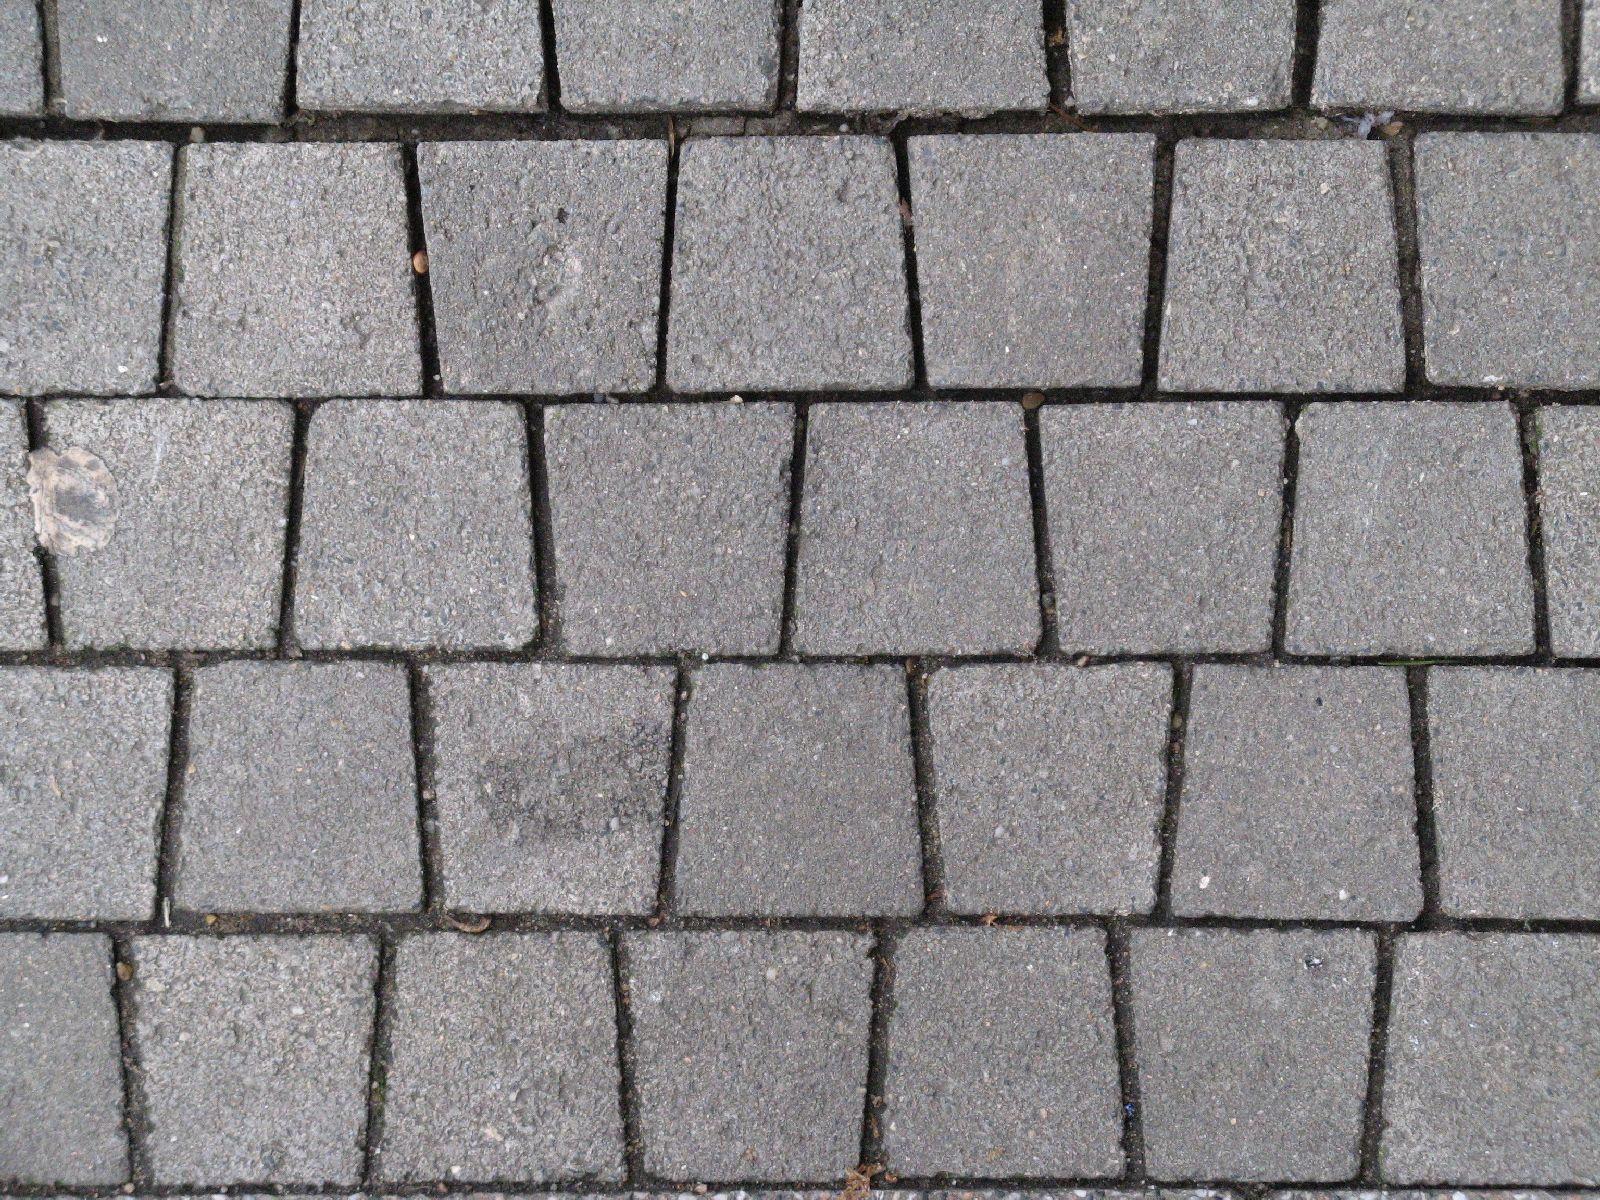 Boden-Gehweg-Strasse-Buergersteig-Textur_B_02357